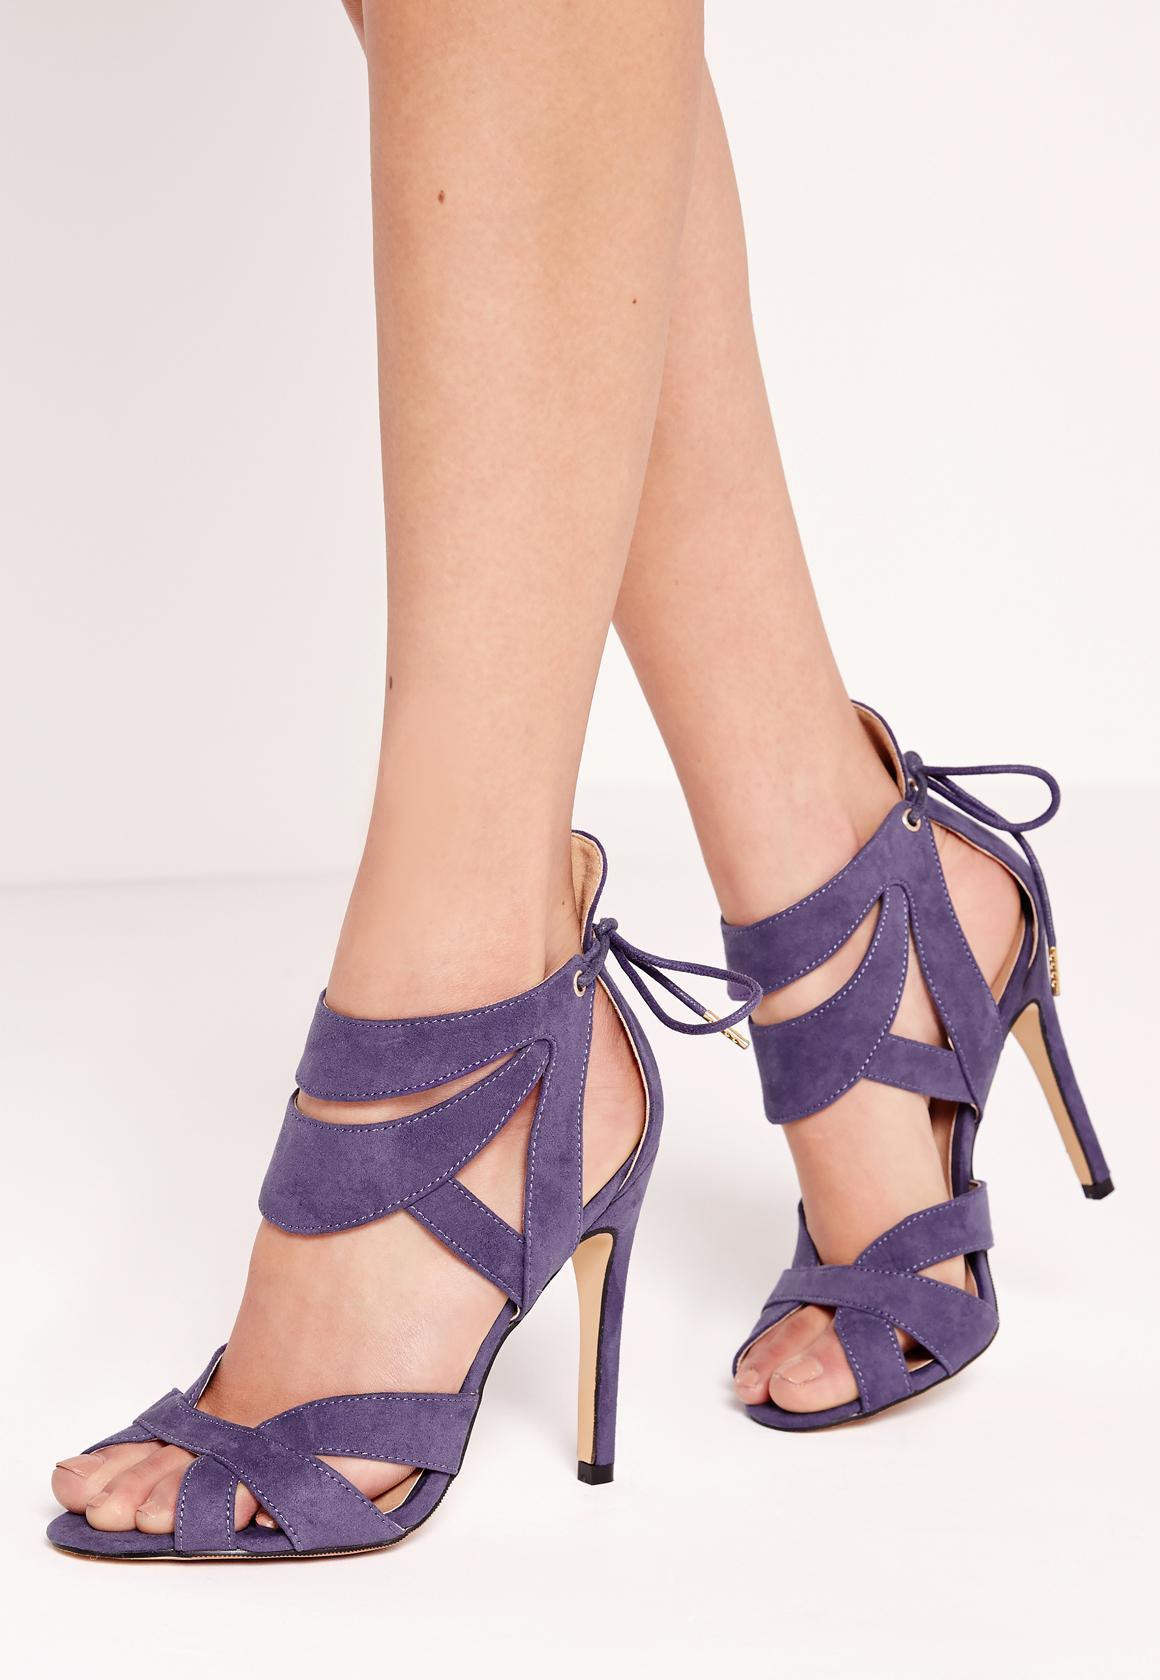 High Heel Wedding Shoes